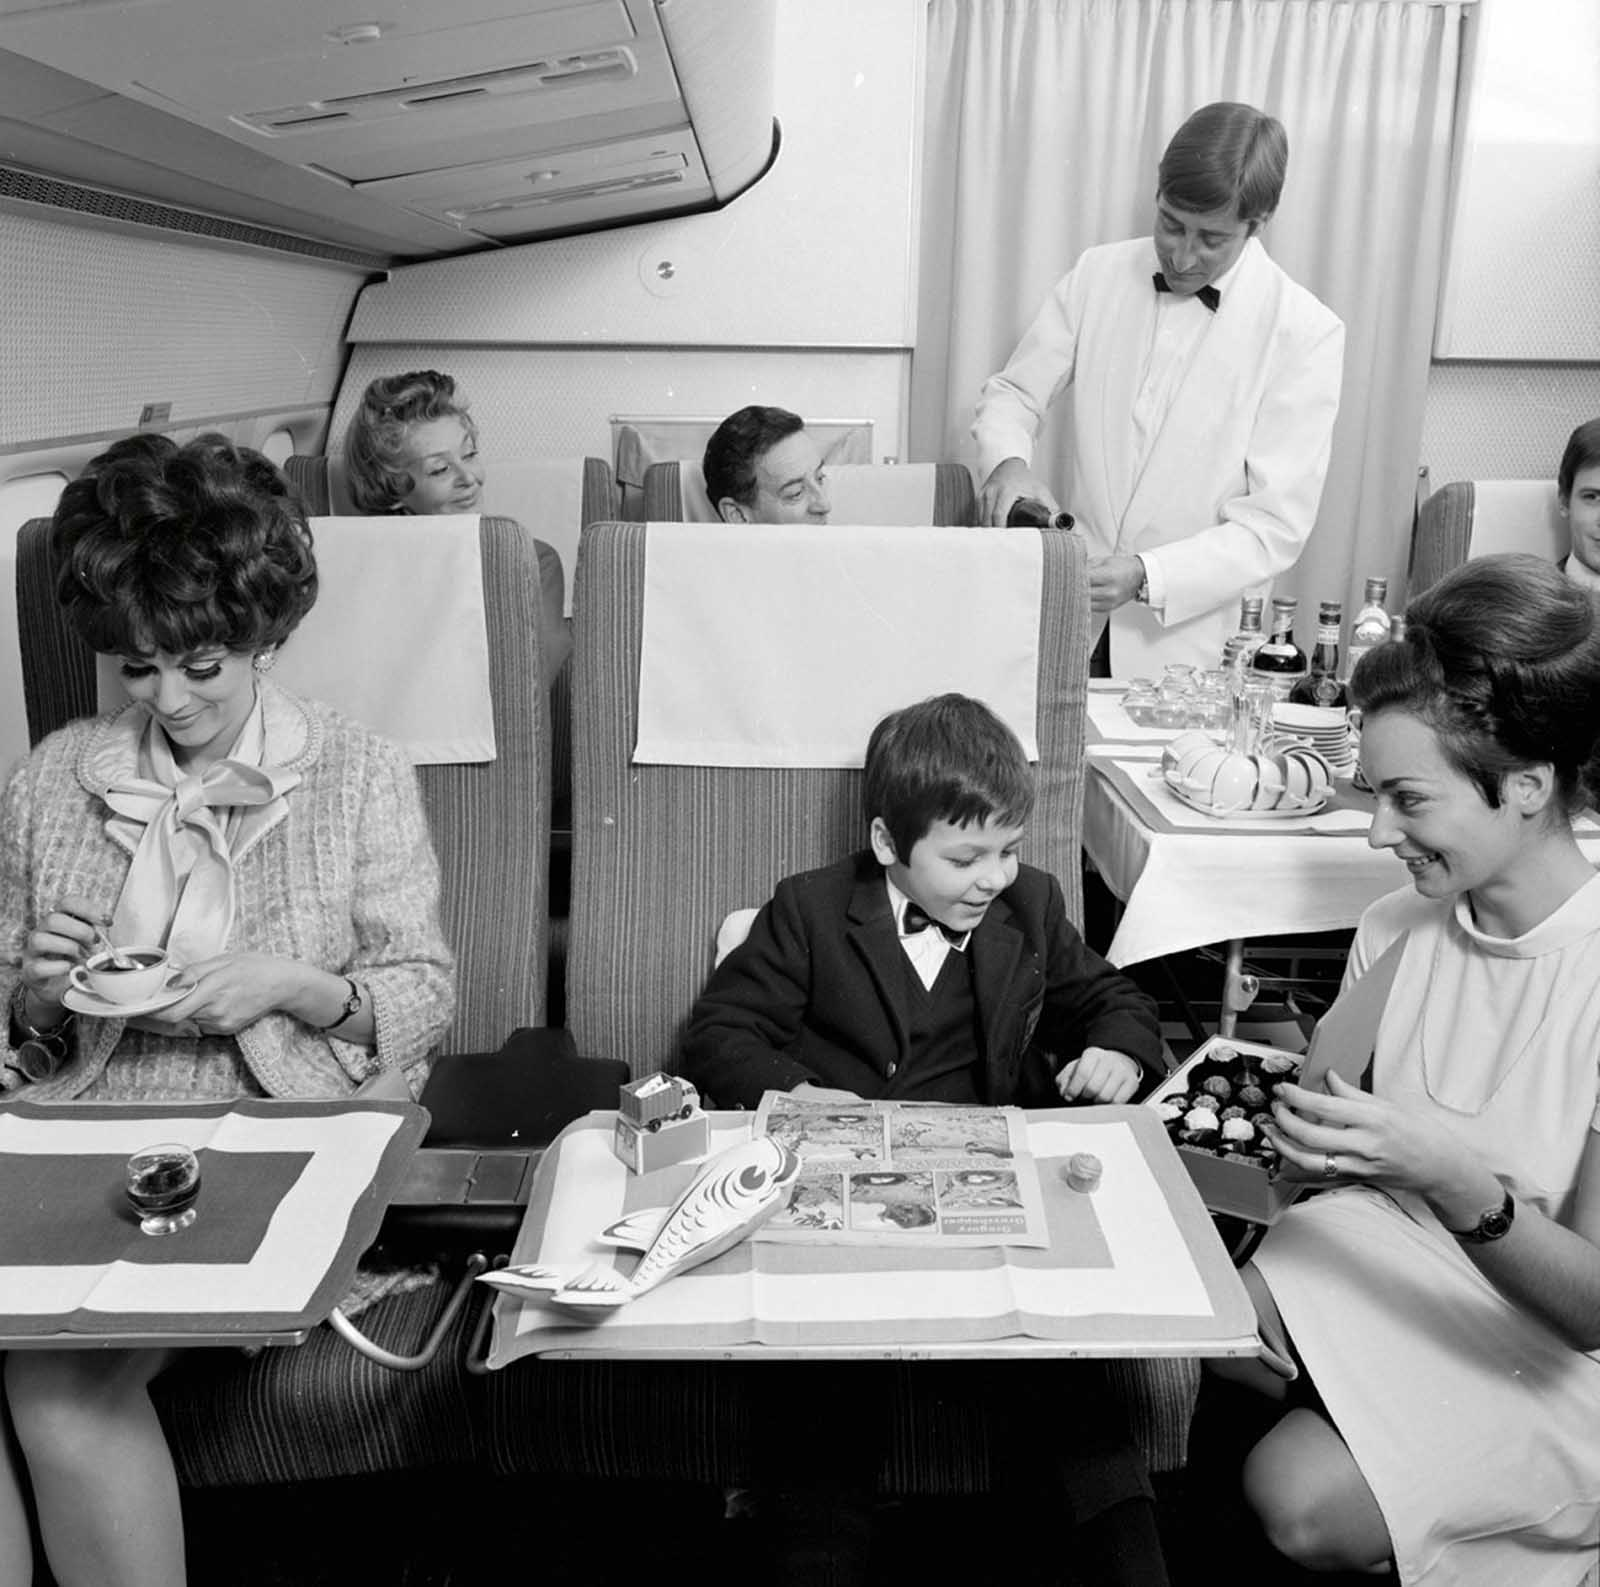 Muito espaço em comparação com os aviões de hoje.